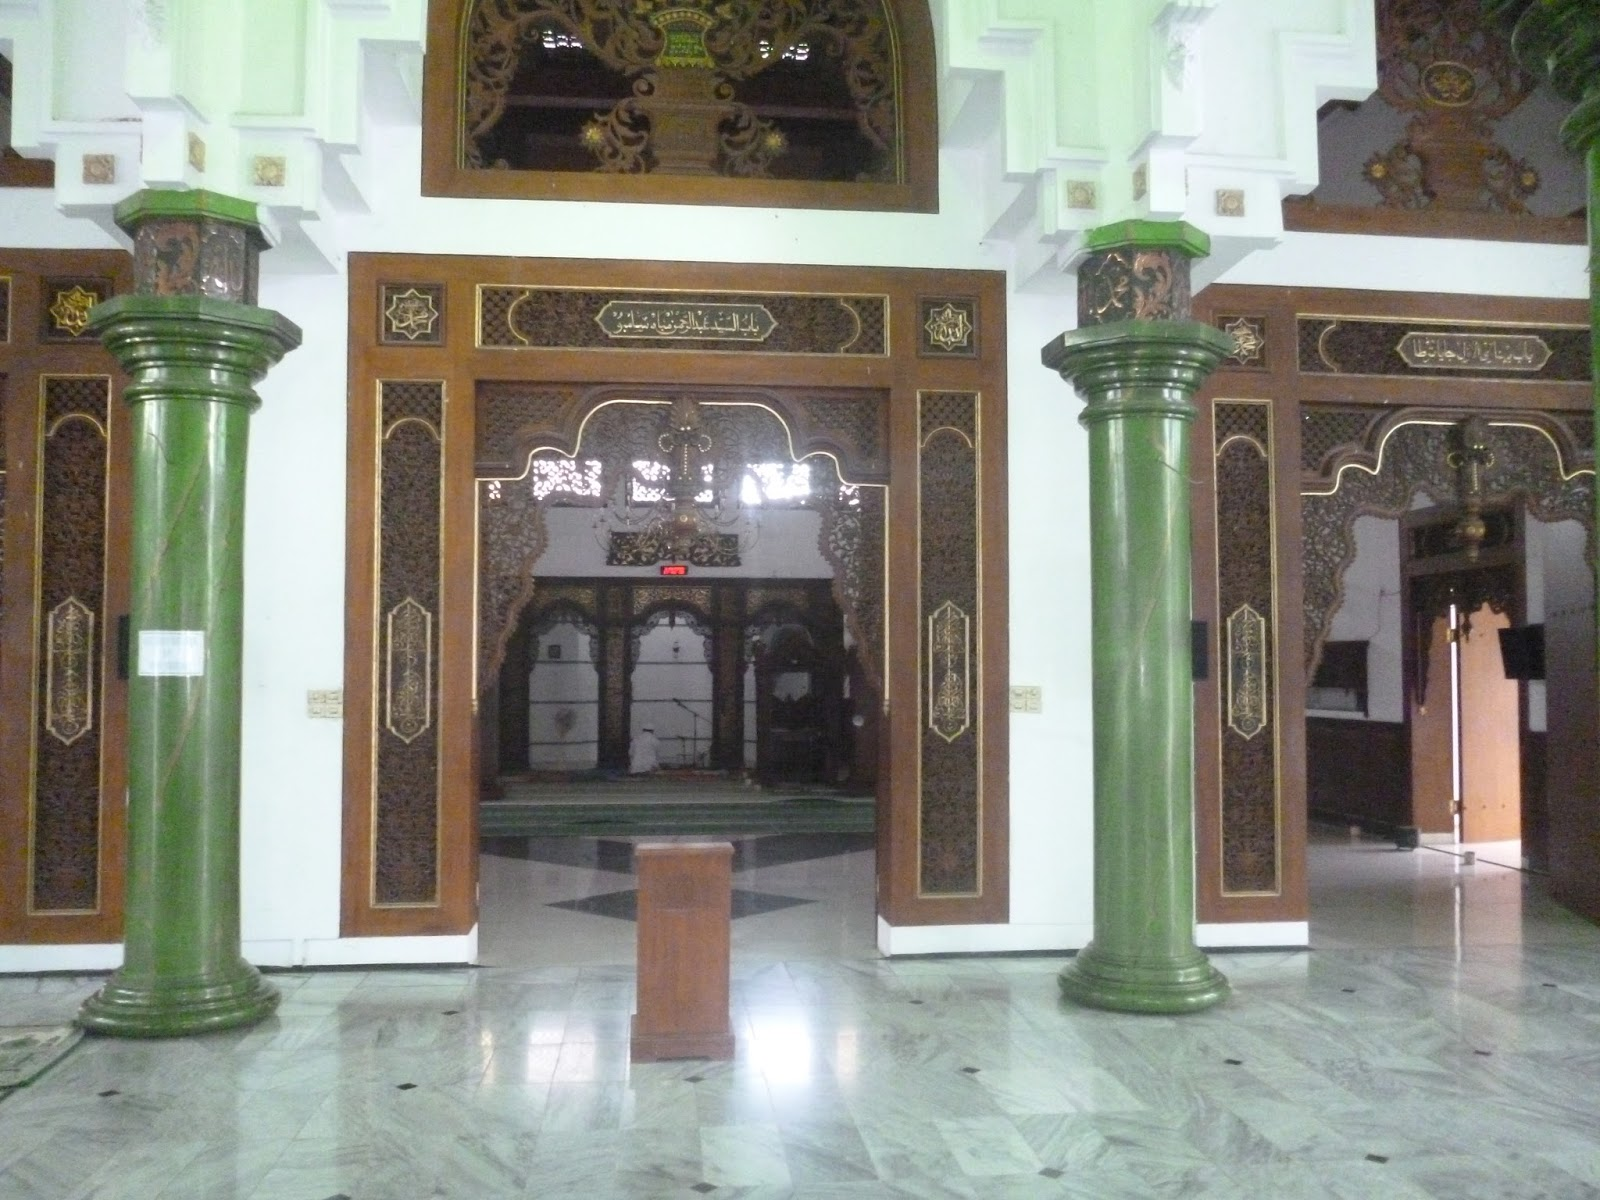 Sejarah Masjid Jami Lasem Rembang Berdirinya Mempunyai Keterkaitan Kota Dikenal